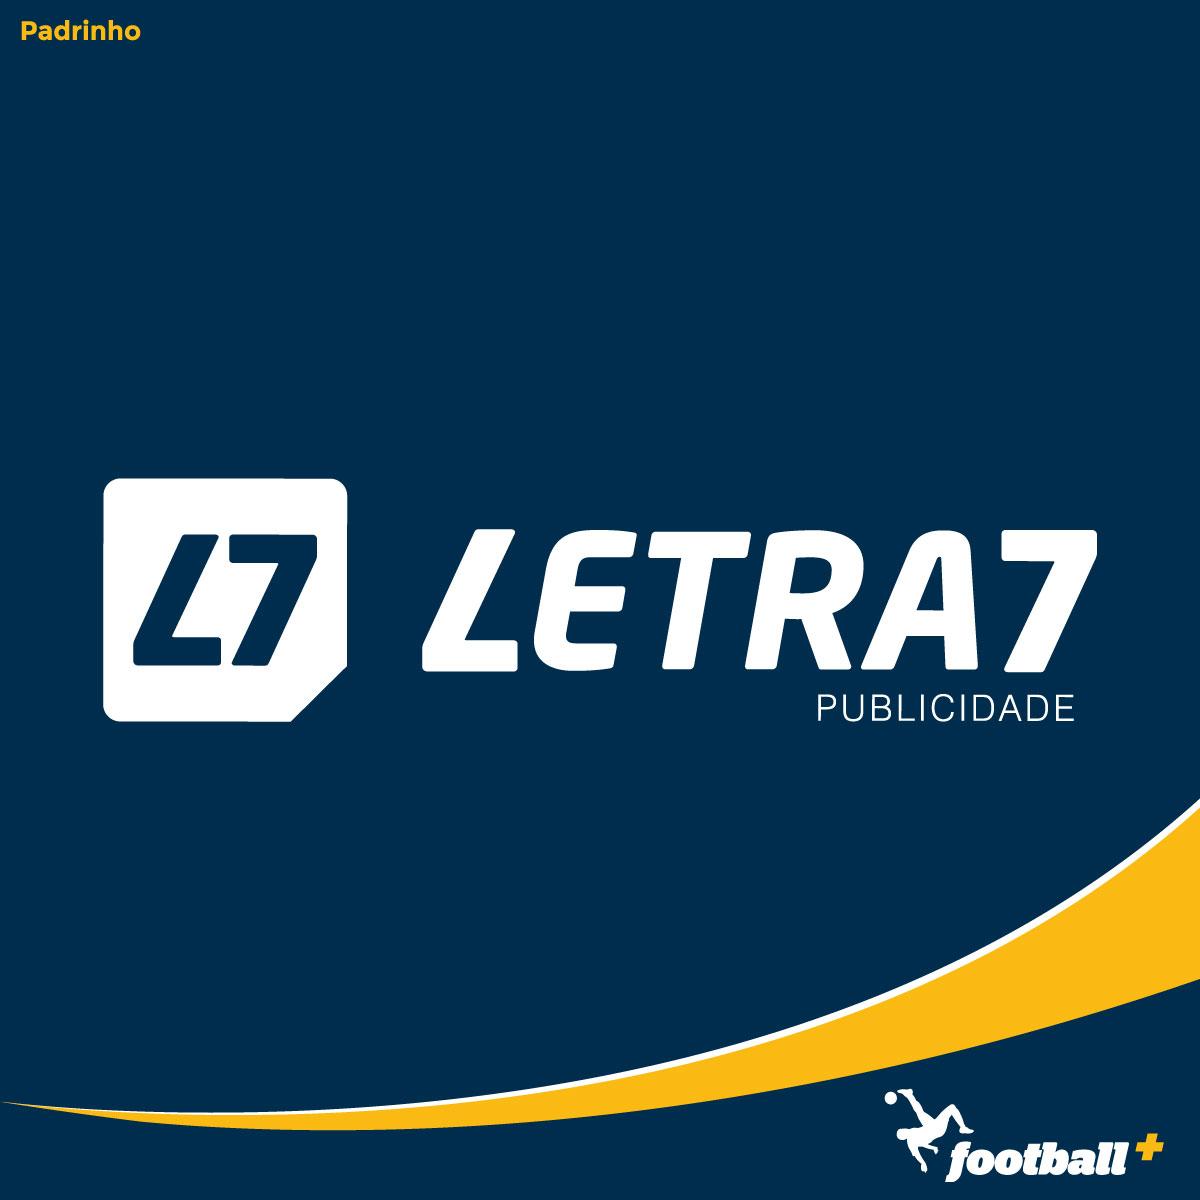 letra7